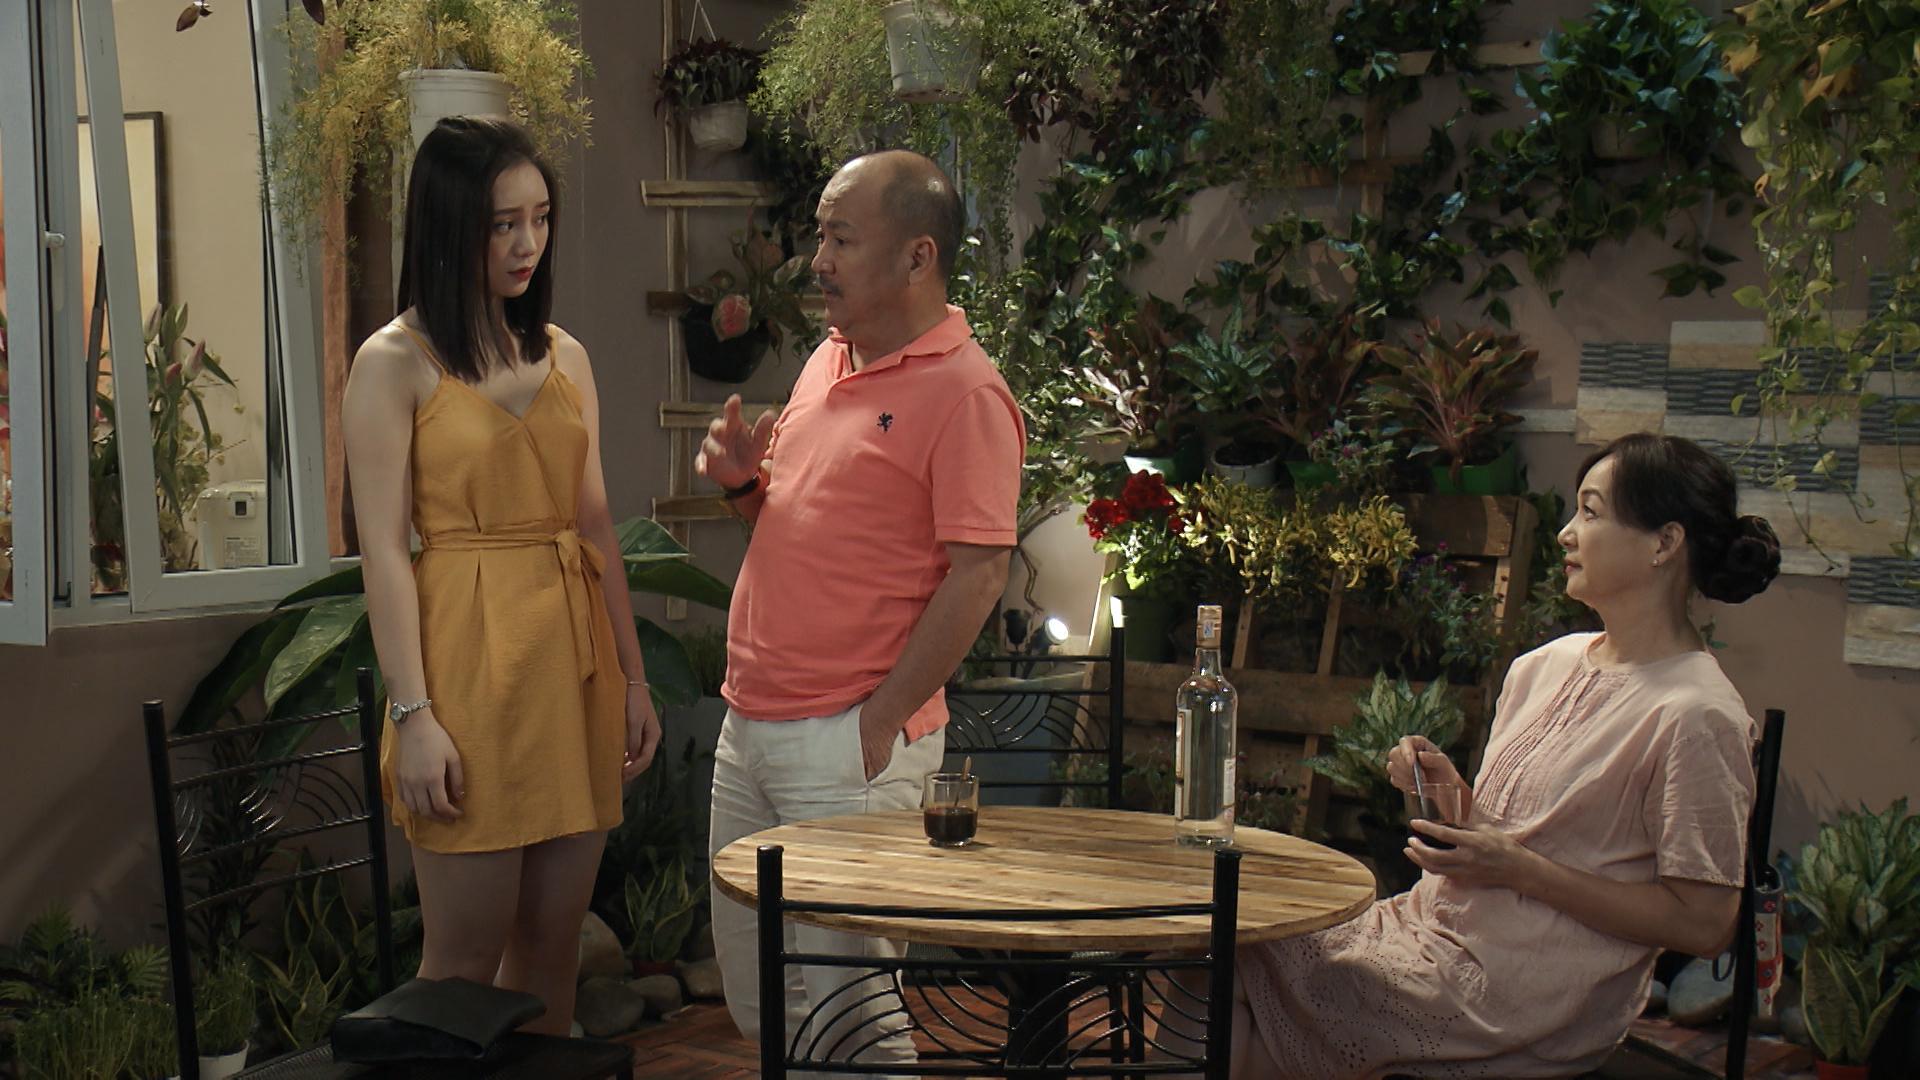 'Mẹ ơi, bố đâu rồi' tập 2: Phát hiện có người theo dõi, Quỳnh Kool xịt hơi cay và ngã ngửa khi nạn nhân là bố mình 0